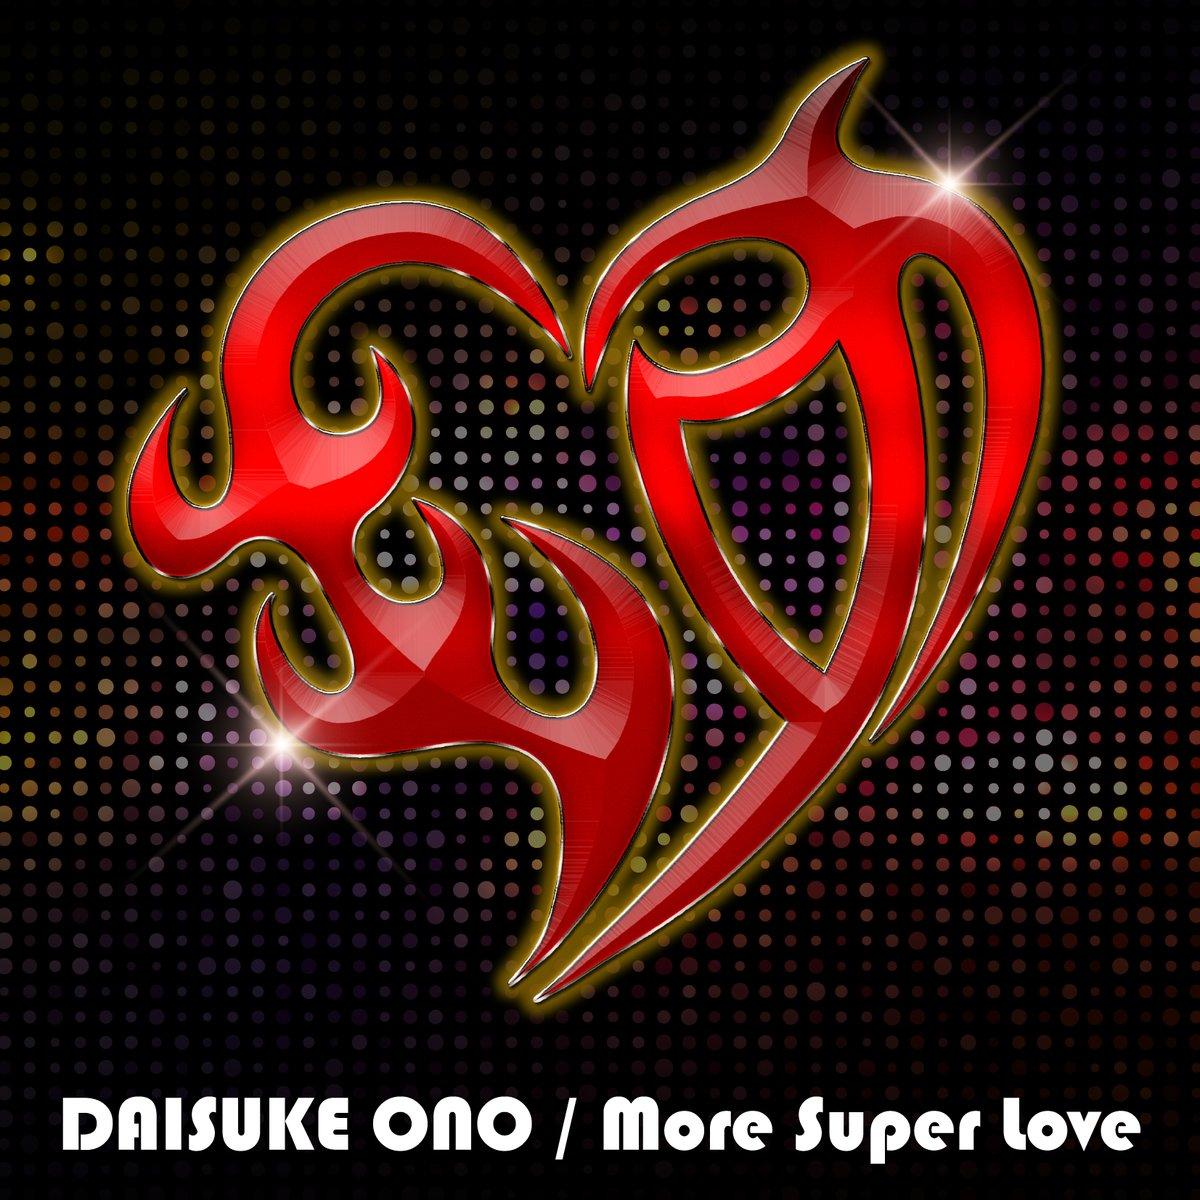 【小野大輔】おれパラにてサプライズ披露した新曲、「More Super Love」が本日24:00より音楽配信スタート🔥これが小野大輔の「WA!!!!」配信サイトは↓をMore Super CHECK👀👀👀#小野大輔 #おれパラ #もすパラ